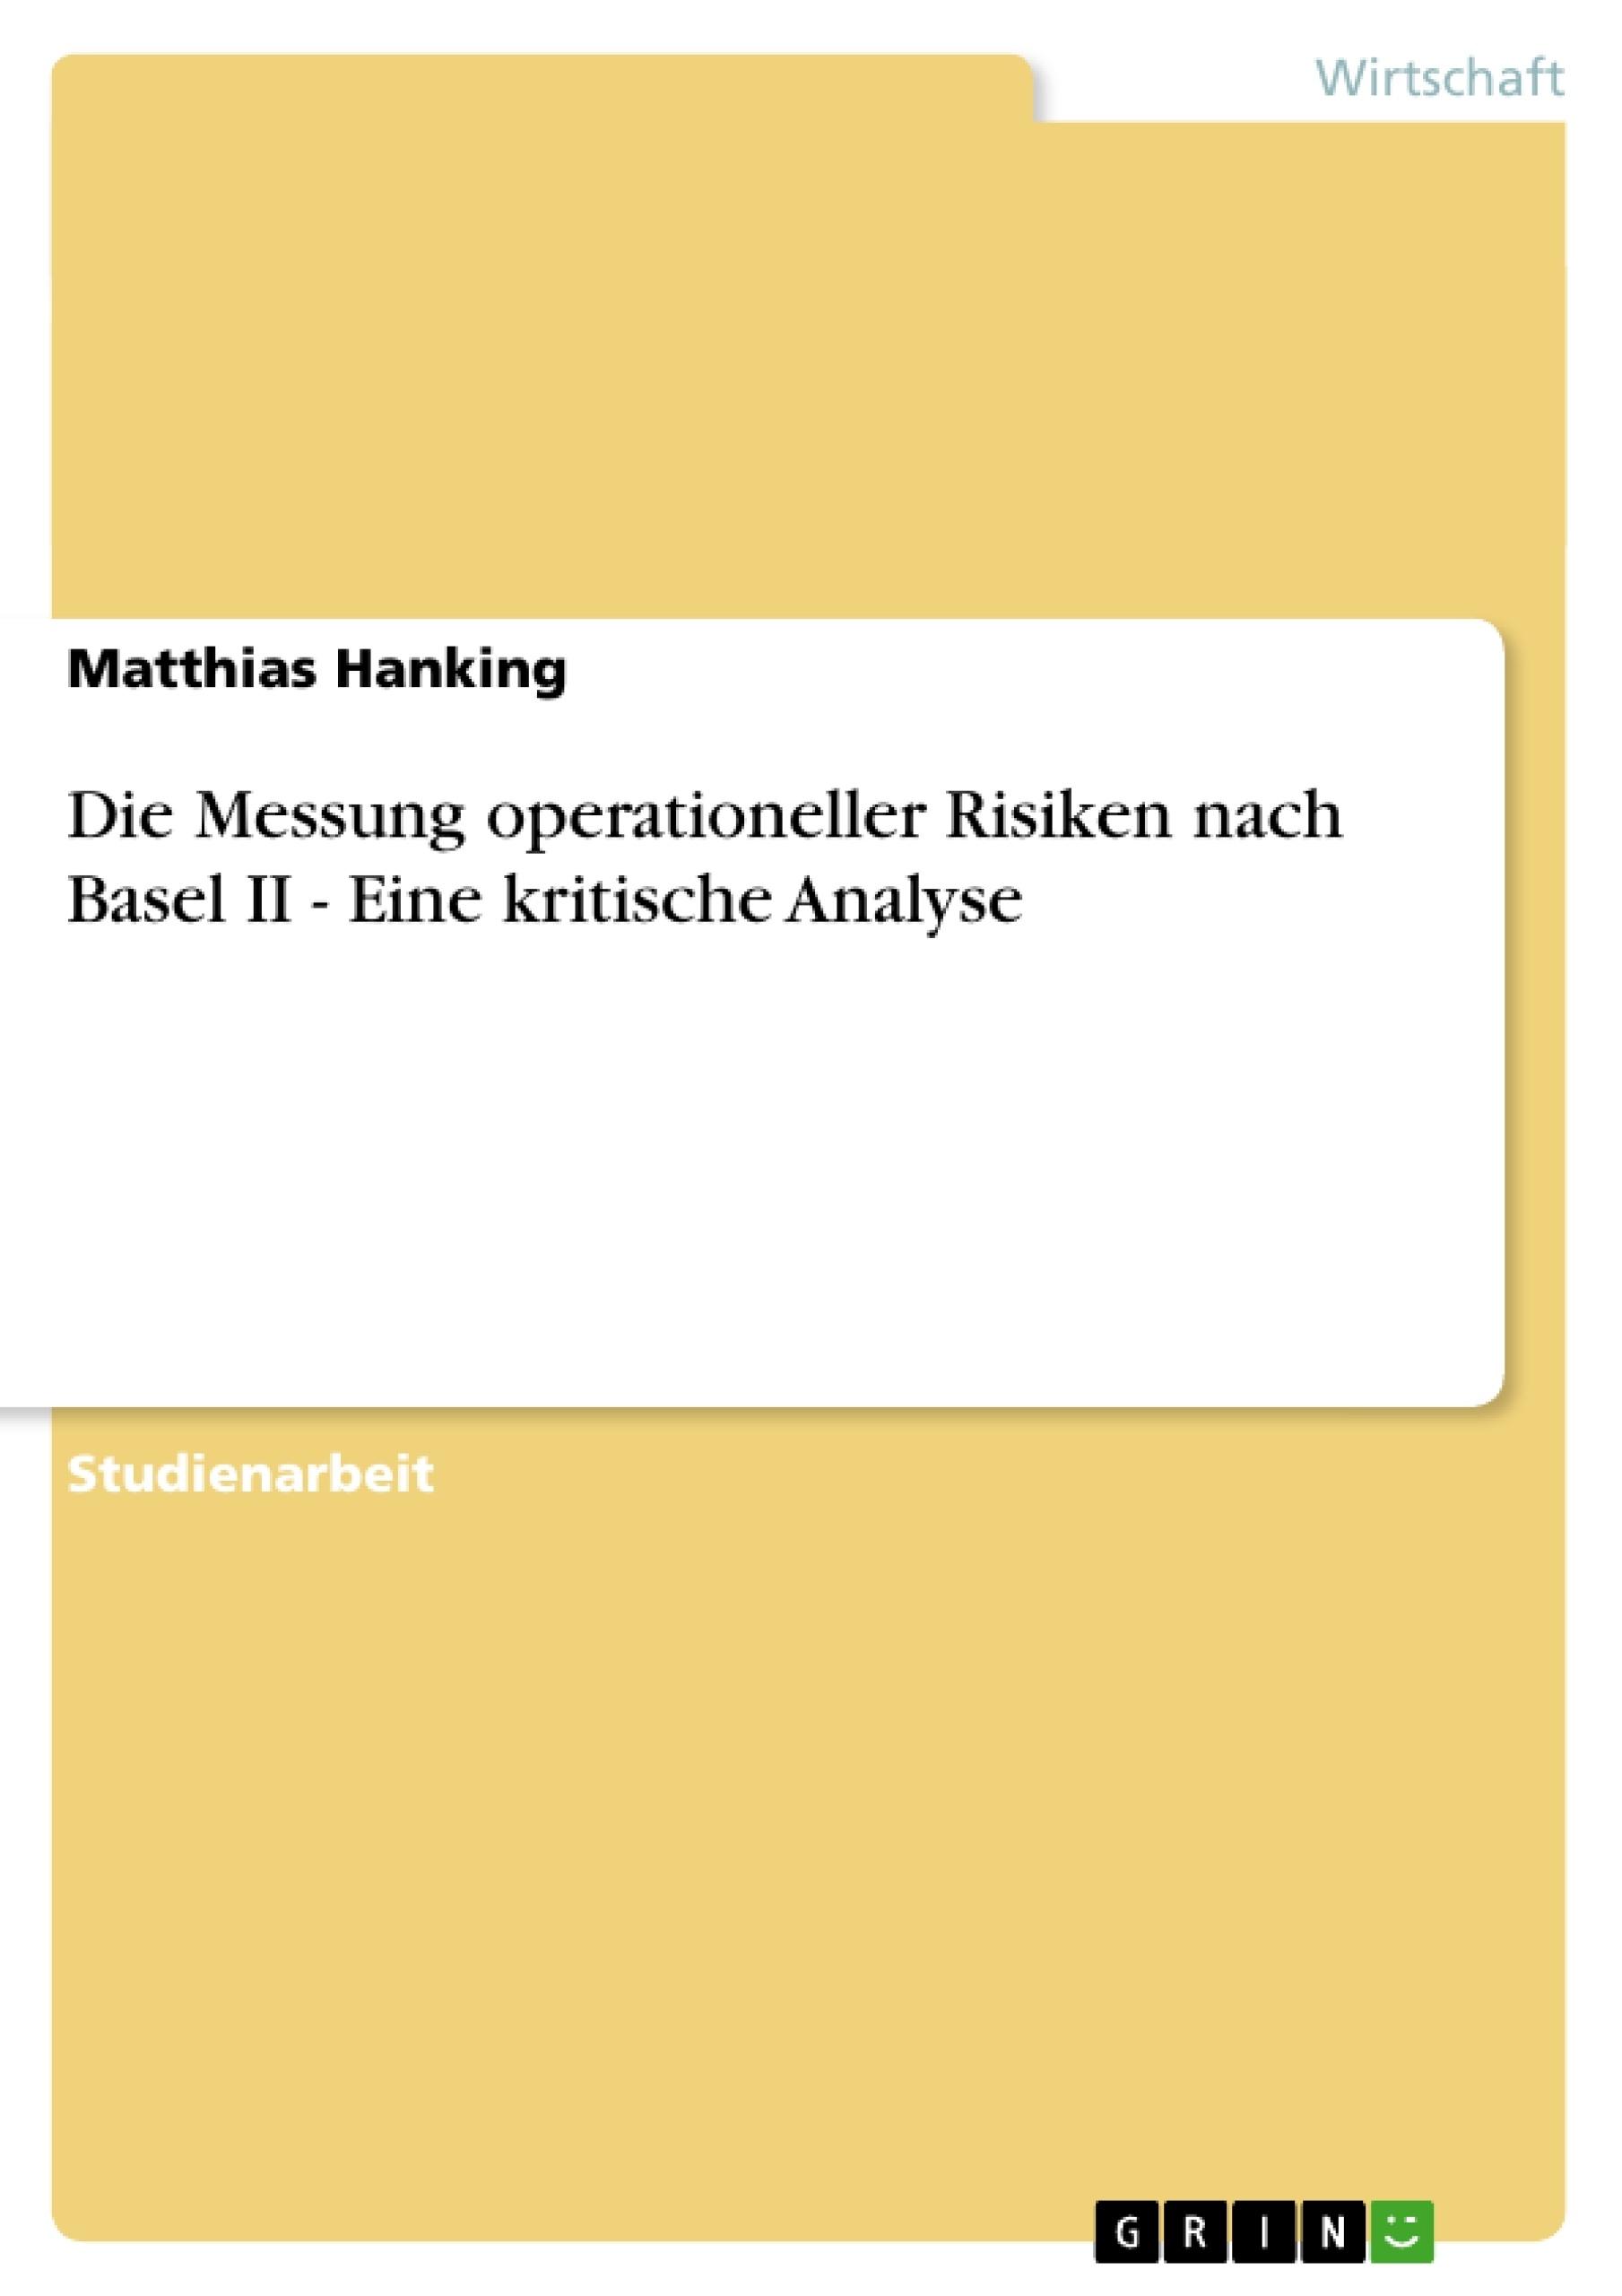 Titel: Die Messung operationeller Risiken nach Basel II - Eine kritische Analyse